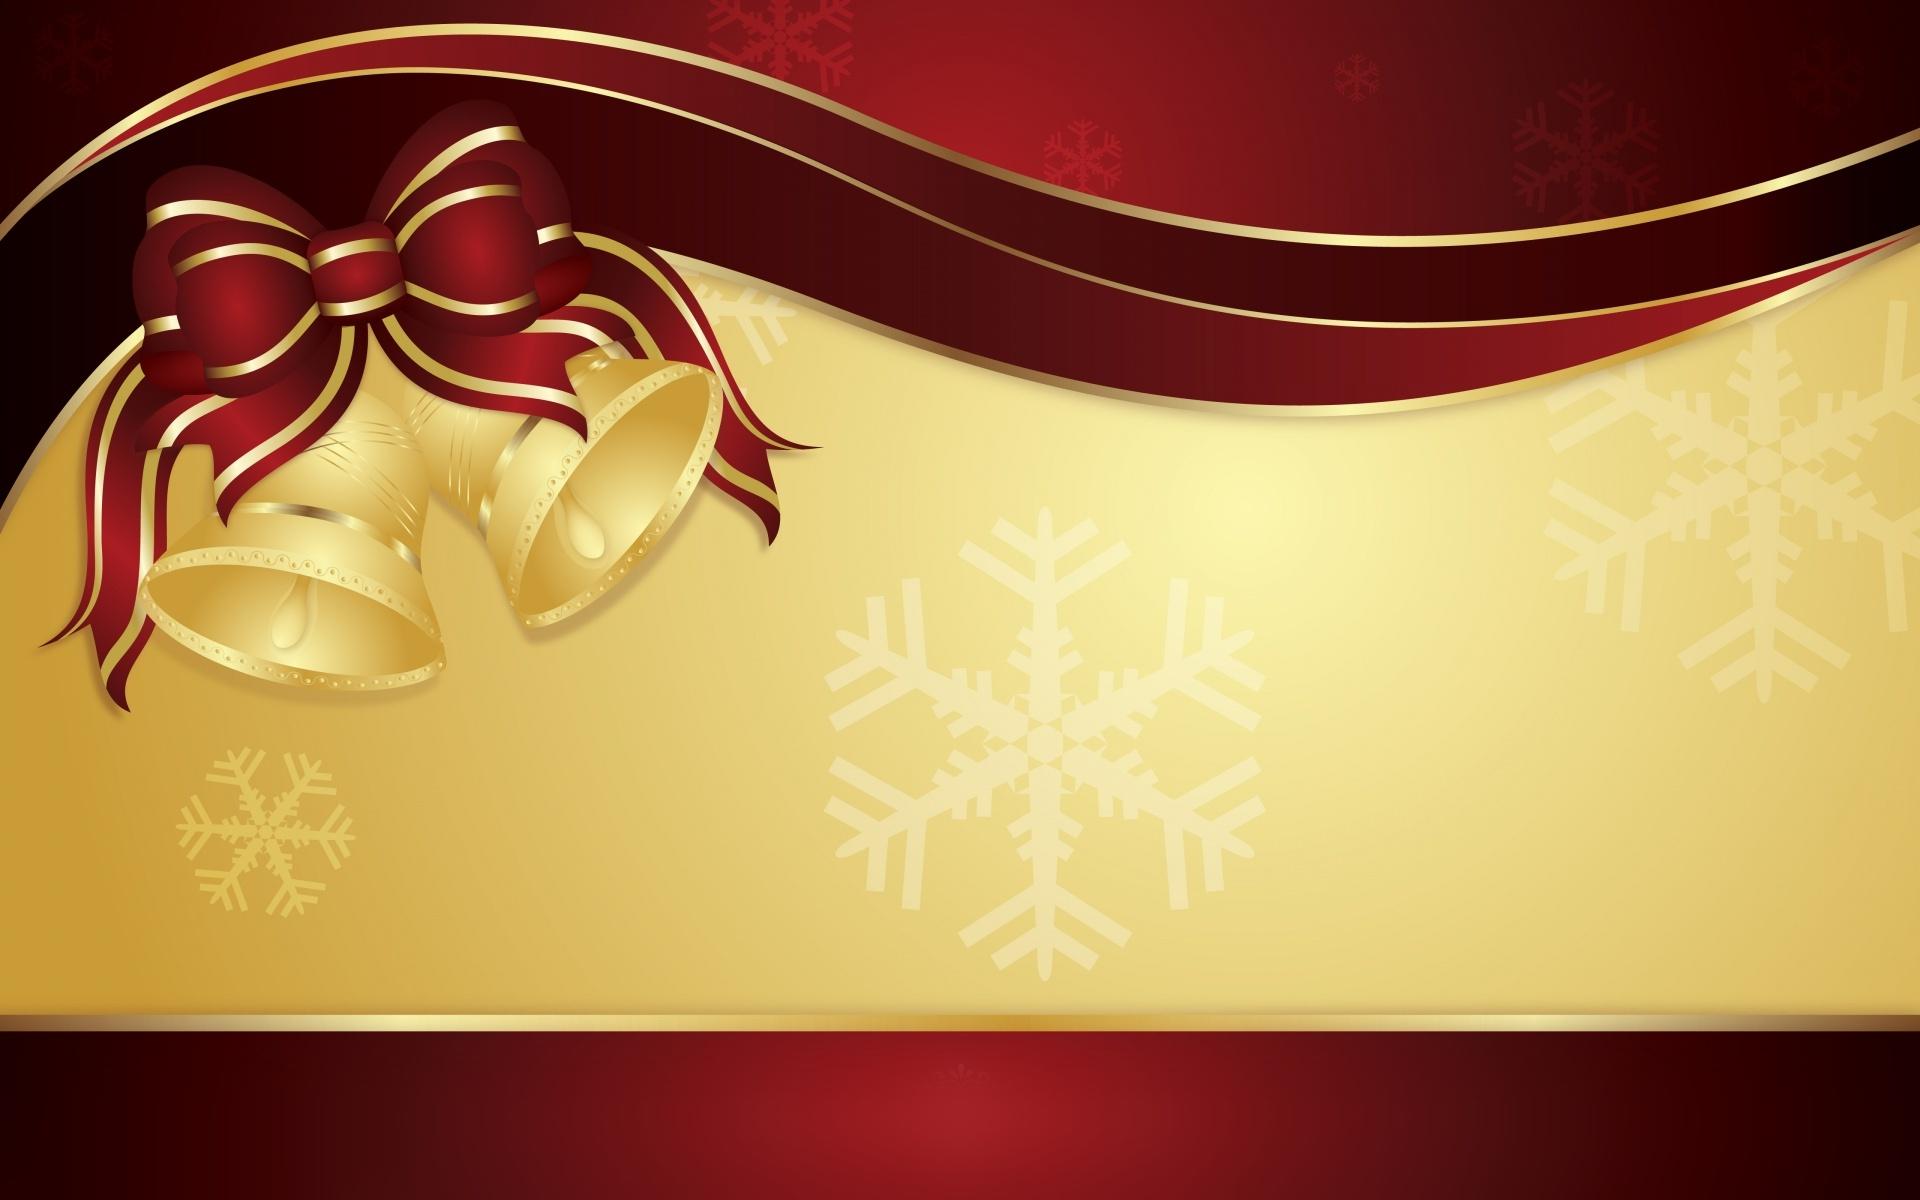 Gold Christmas Bells HD Wallpaper